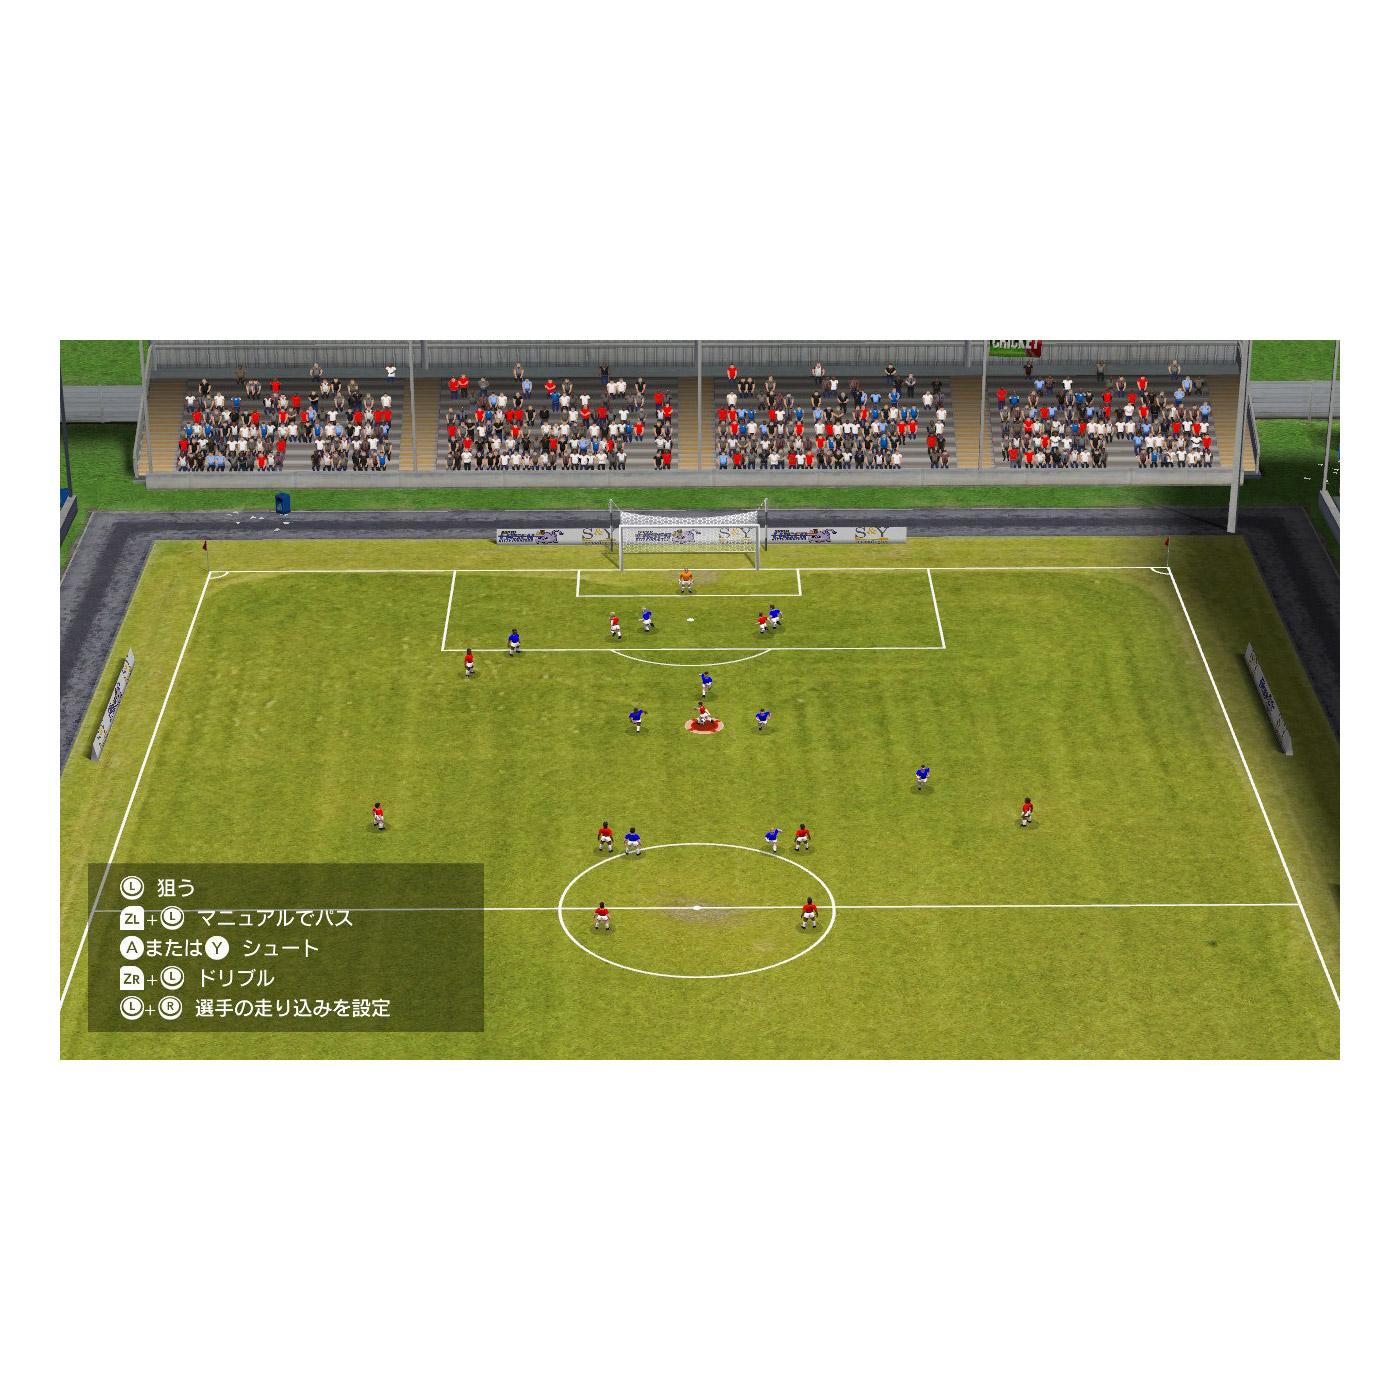 サッカークラブライフ プレイングマネージャー 【Switchゲームソフト】_5